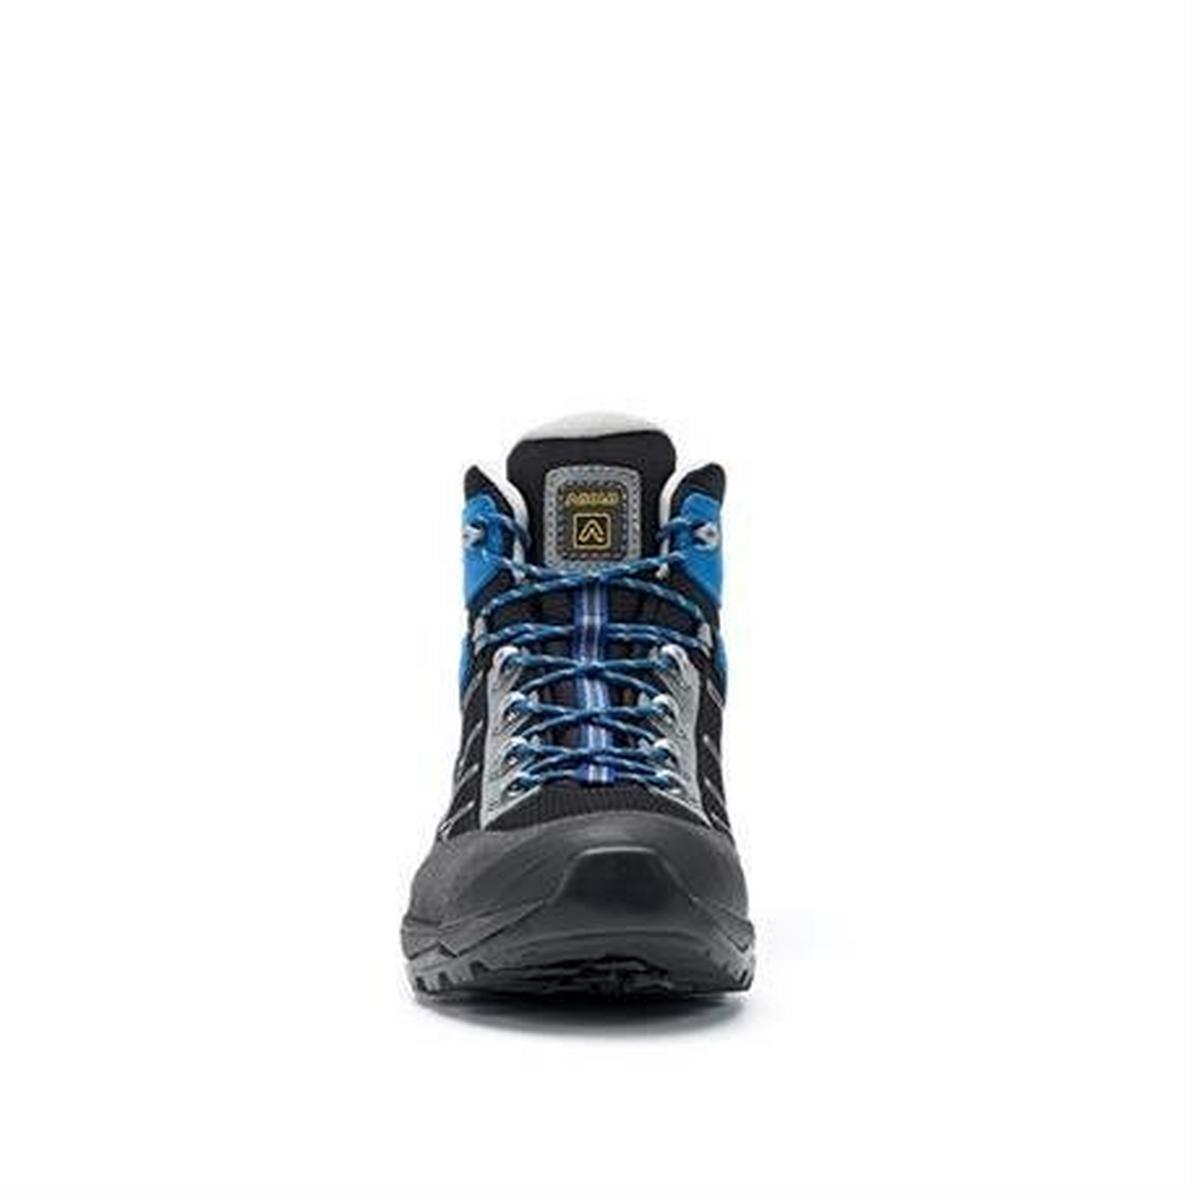 Asolo Boots Men's Falcon GV Graphite/Black